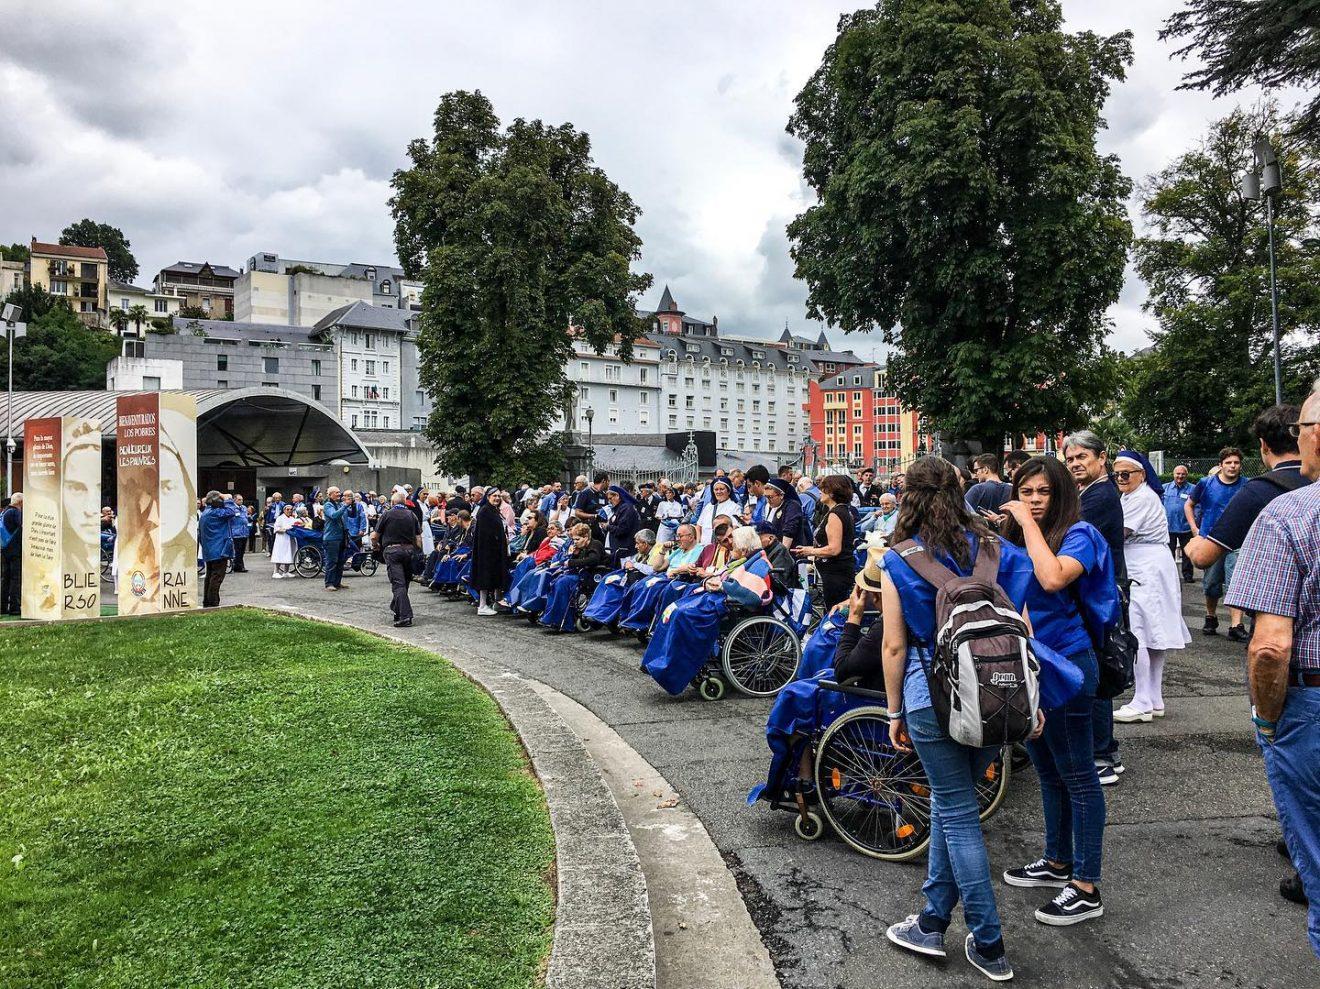 Pellegrinaggio diocesano a Lourdes guidato da mons. Nosiglia: primo giorno in Francia (2 settembre 2019)